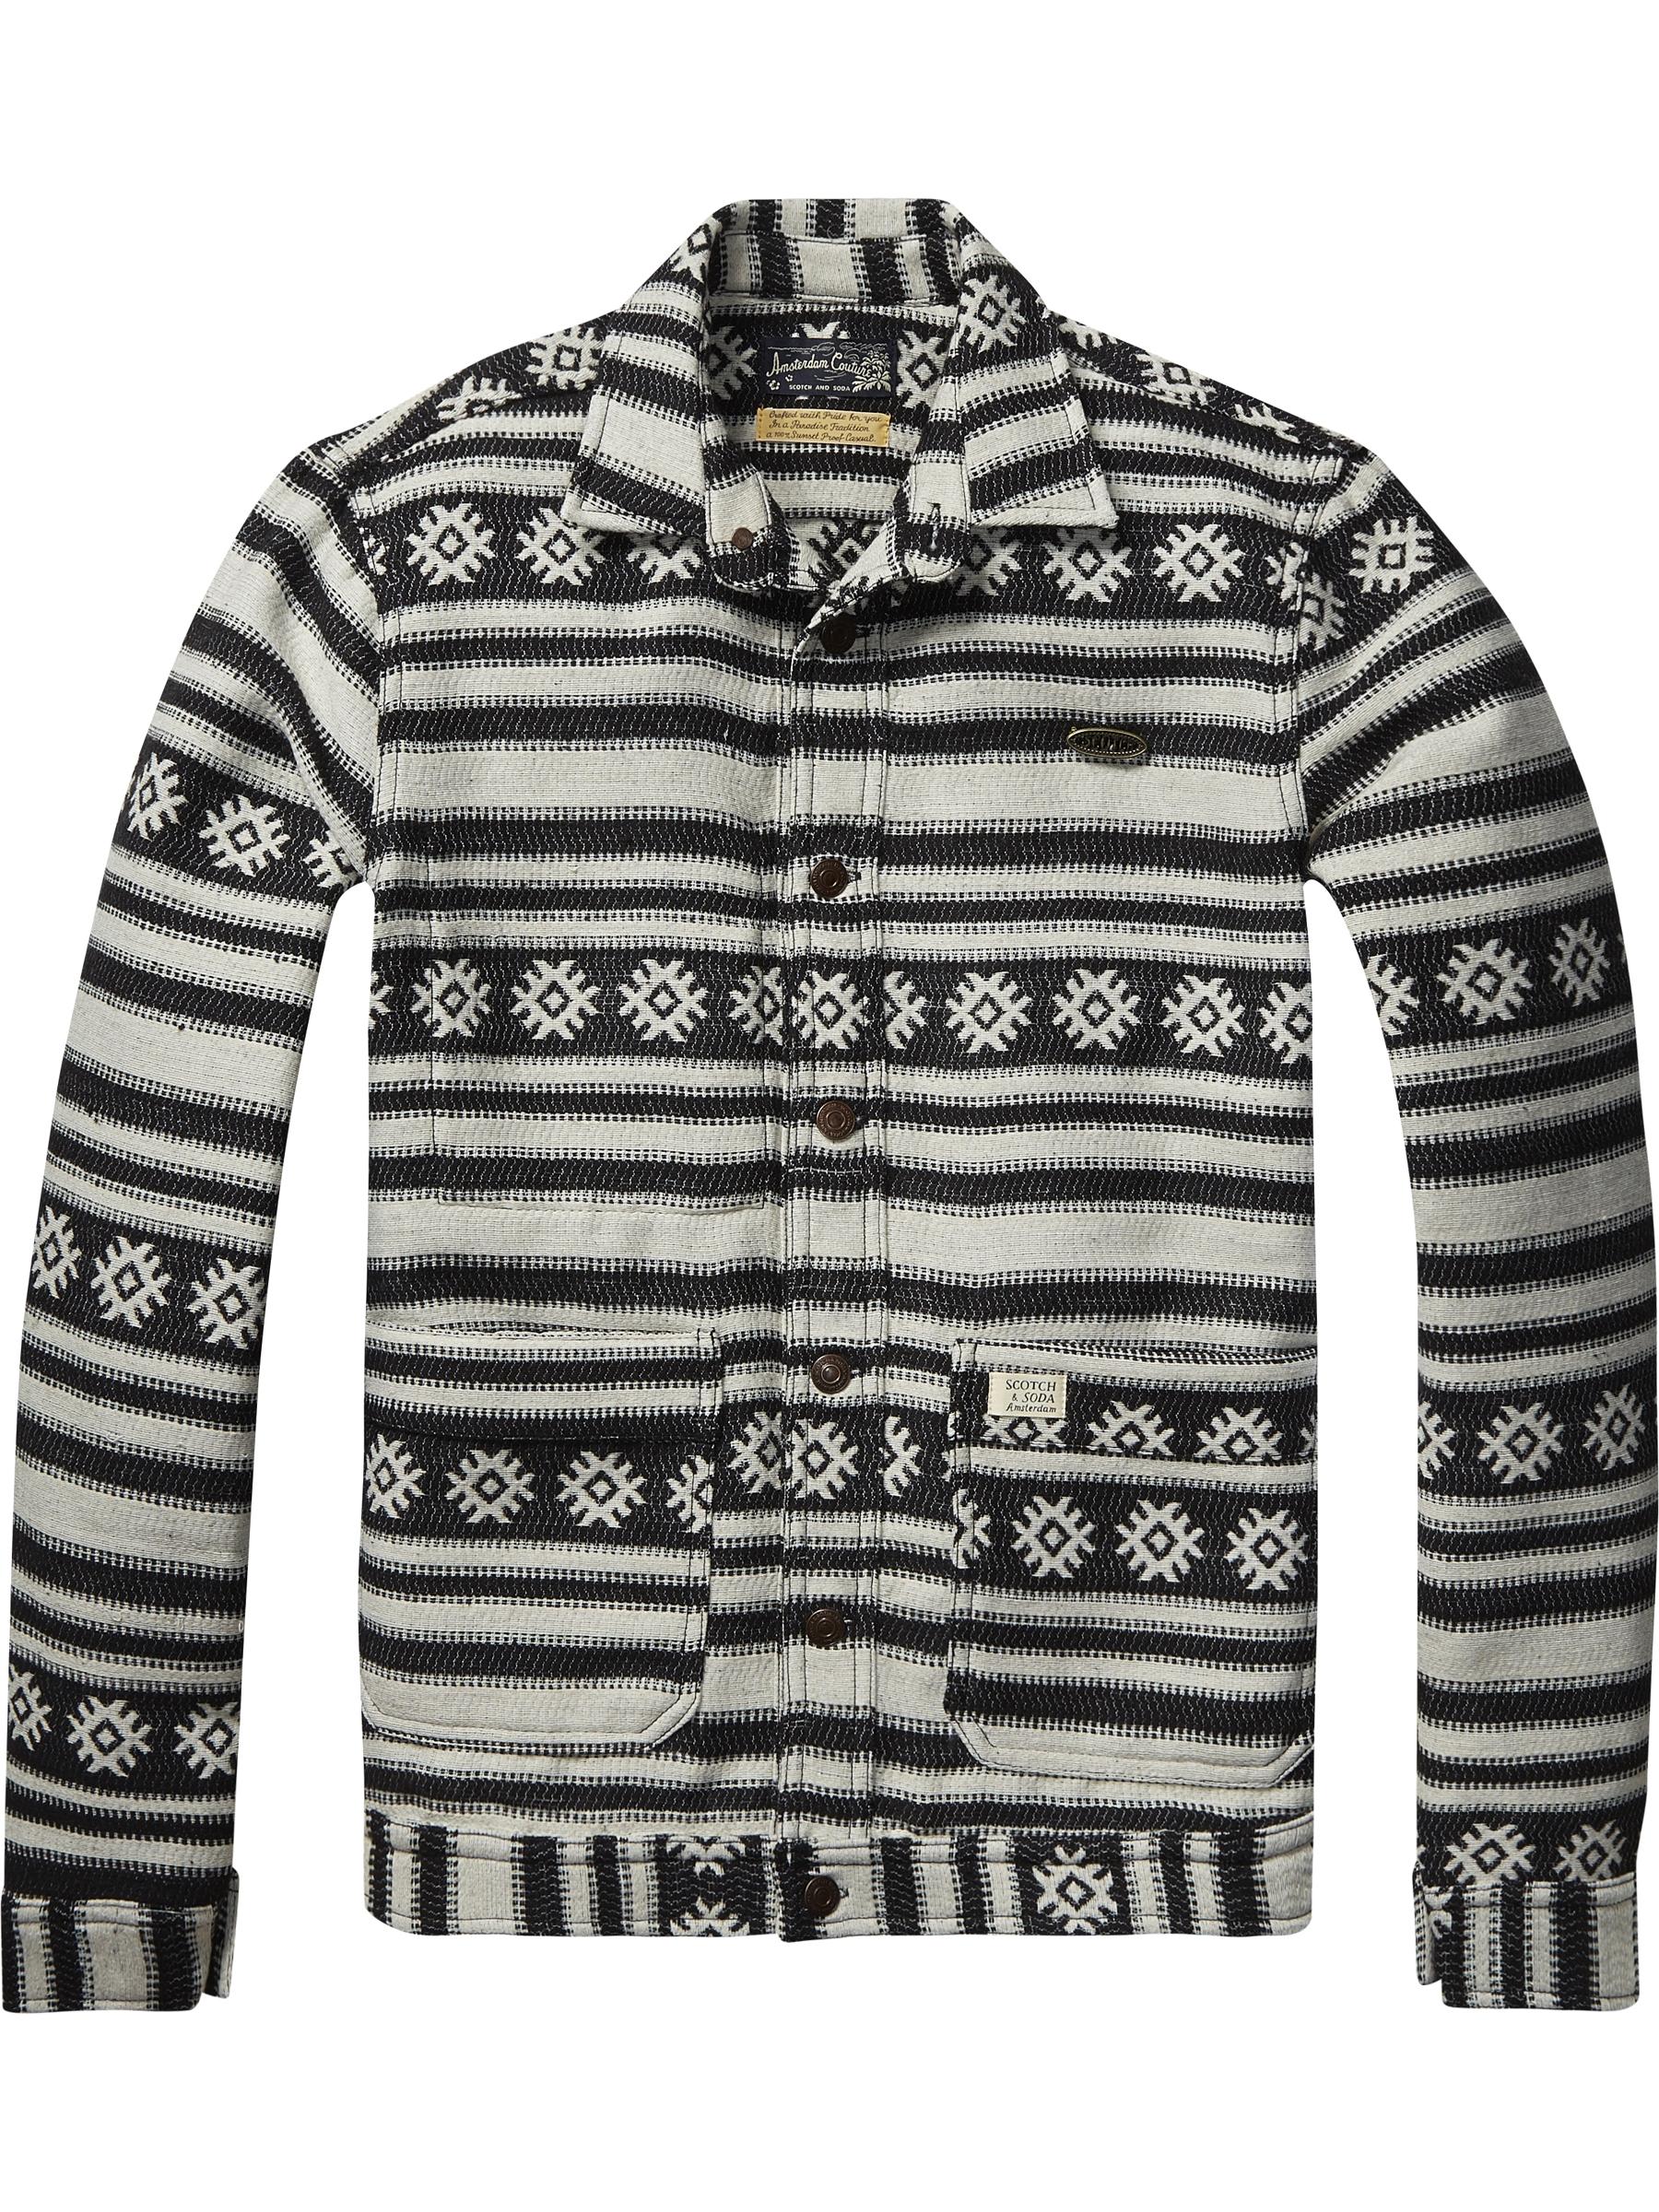 Scotch & Soda, Aztec jacket, was £139.95 now £45